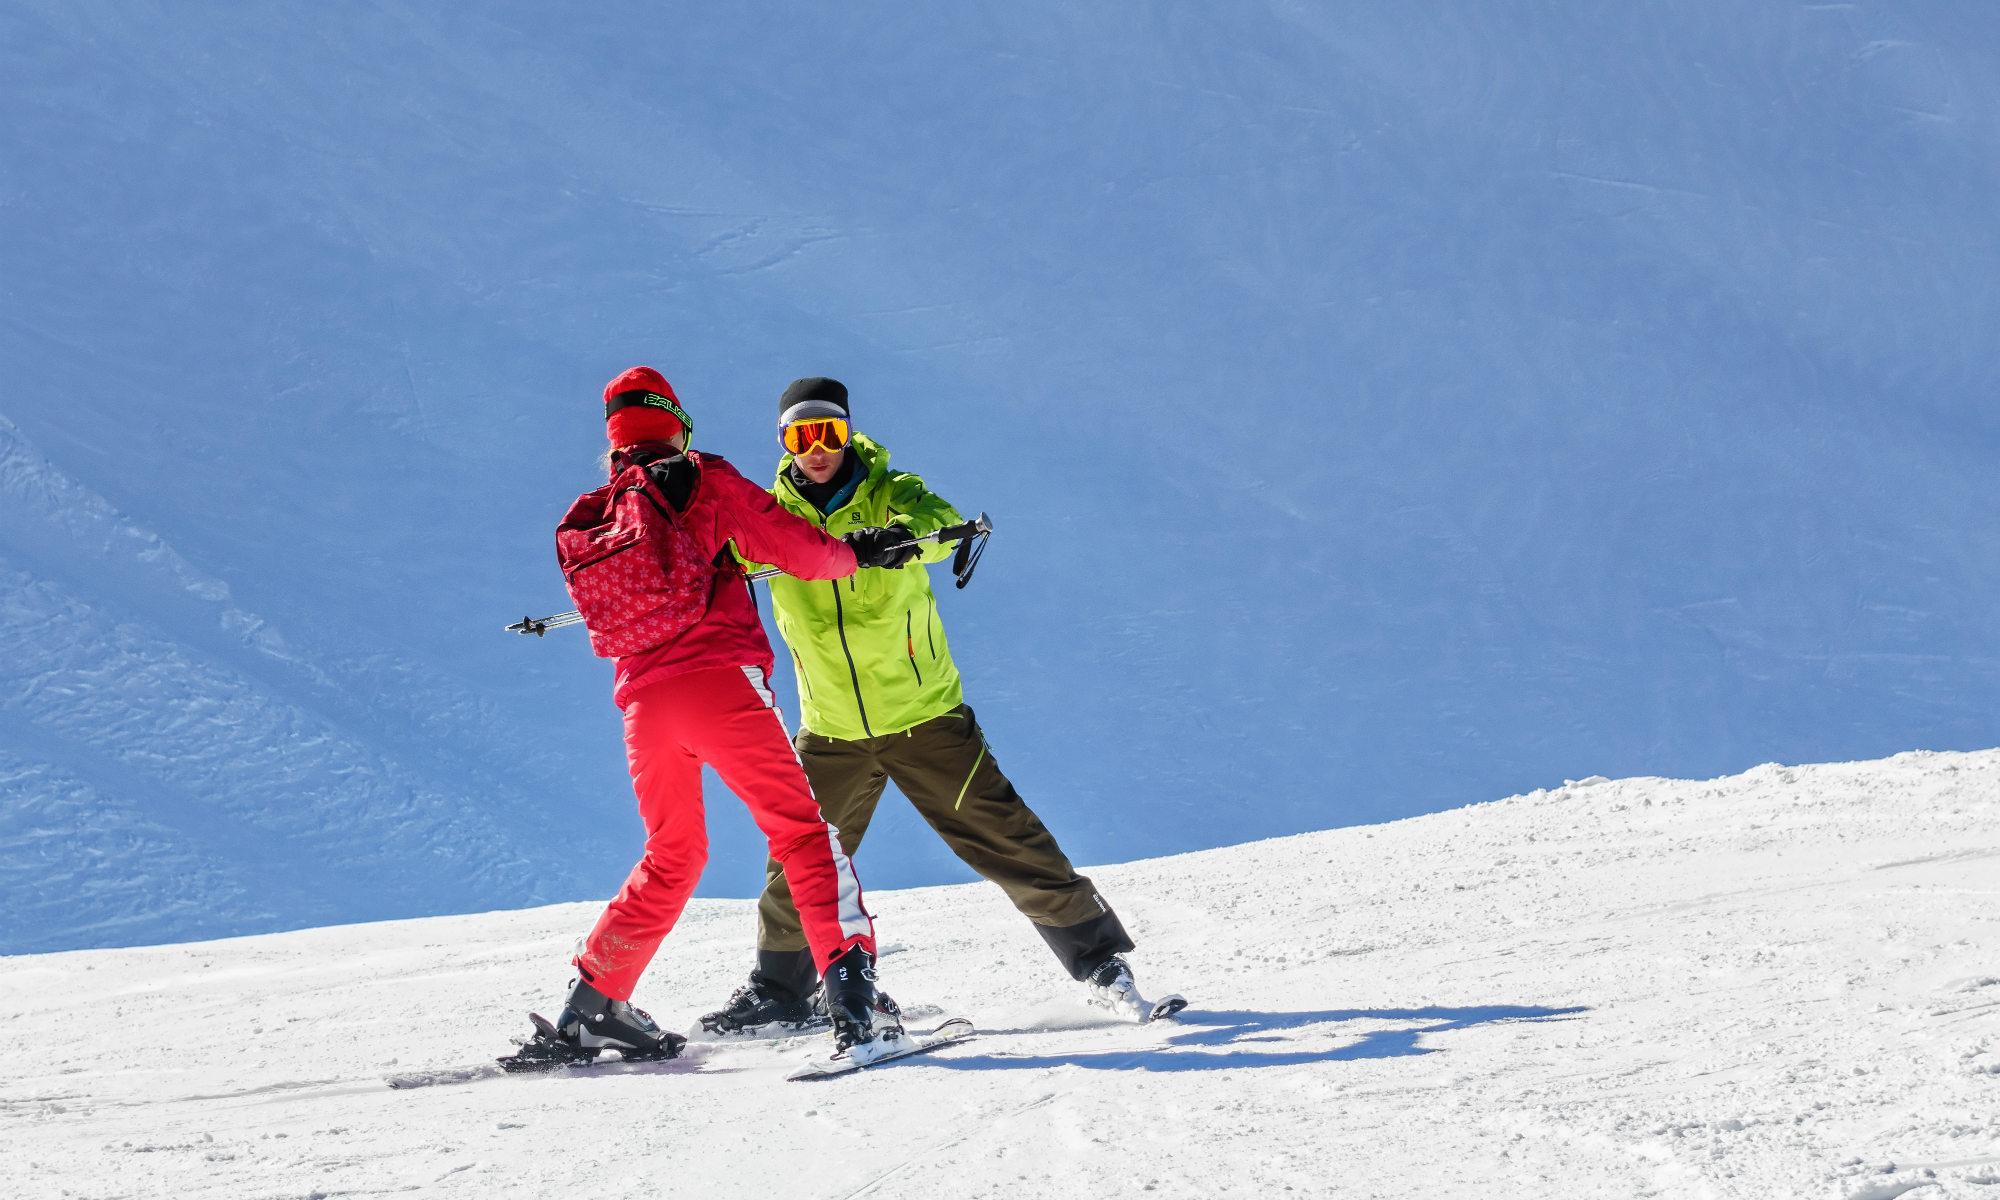 Un istruttore privato aiuta un allievo a mantenere la posizione sugli sci con l'aiuto di una racchetta da sci.